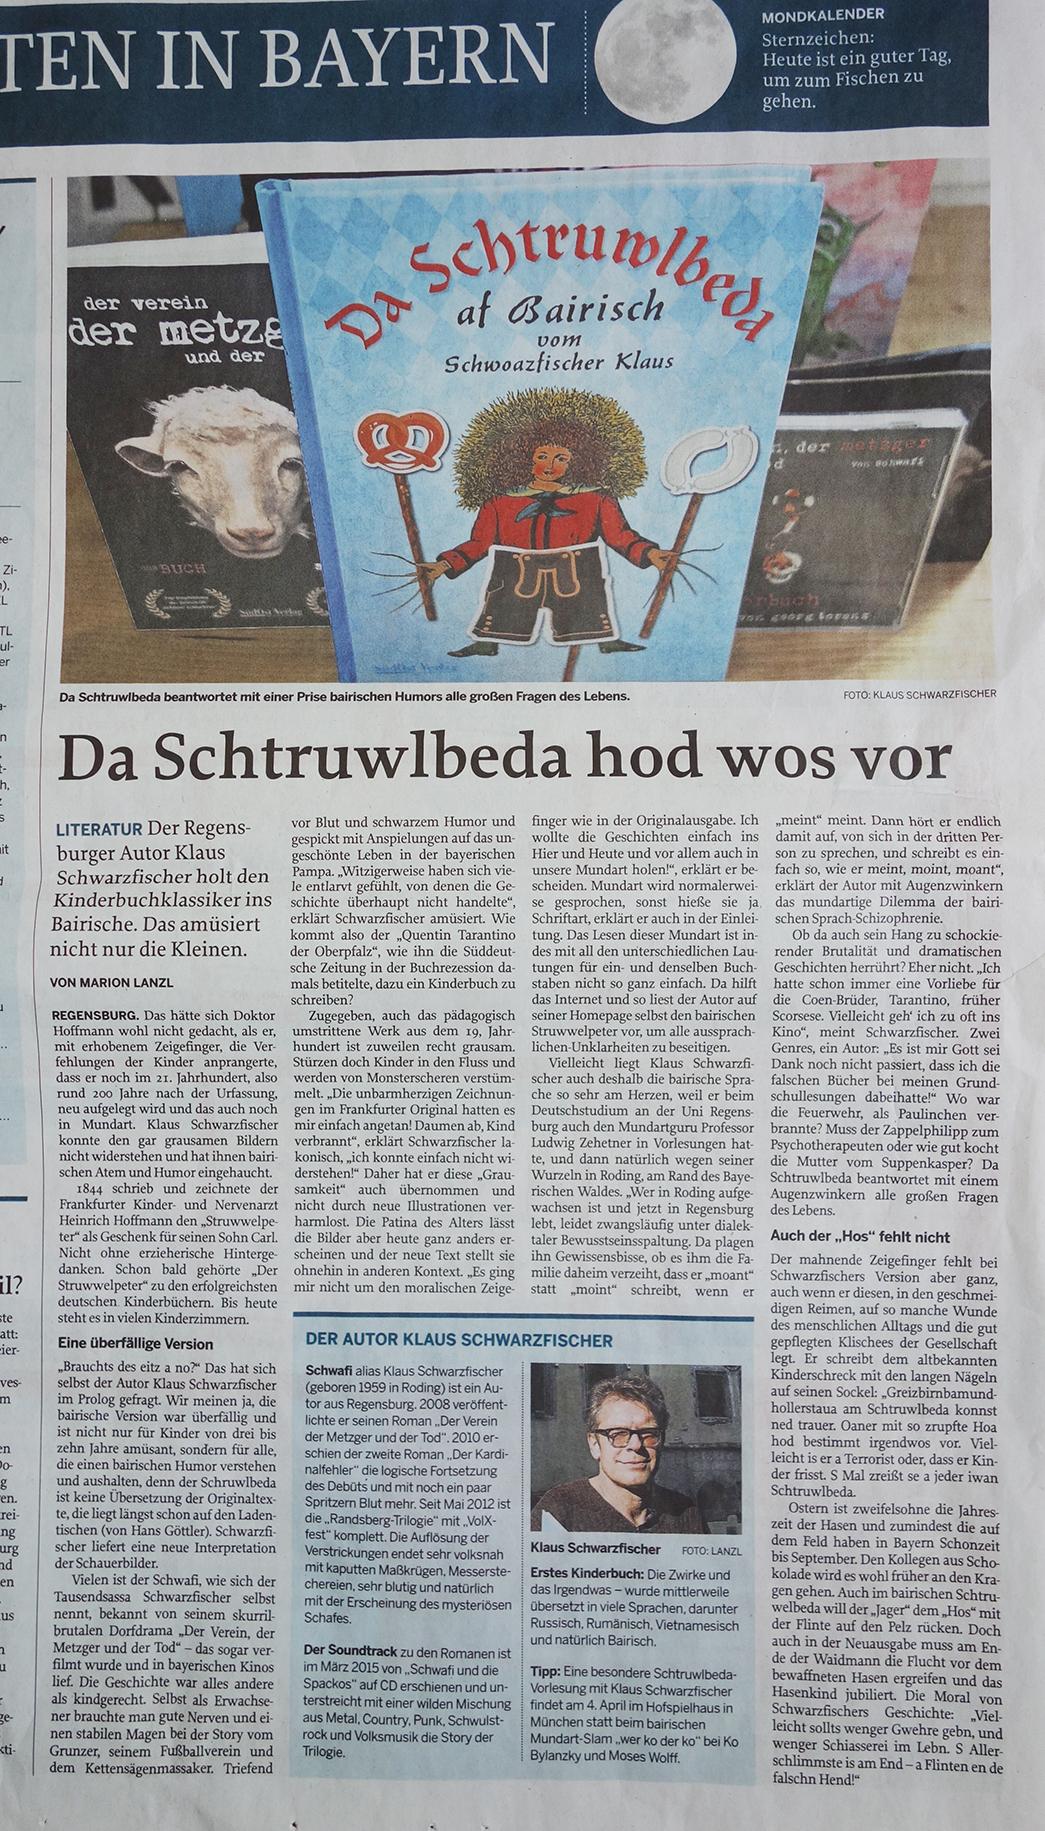 Mittelbayerische Zeitung